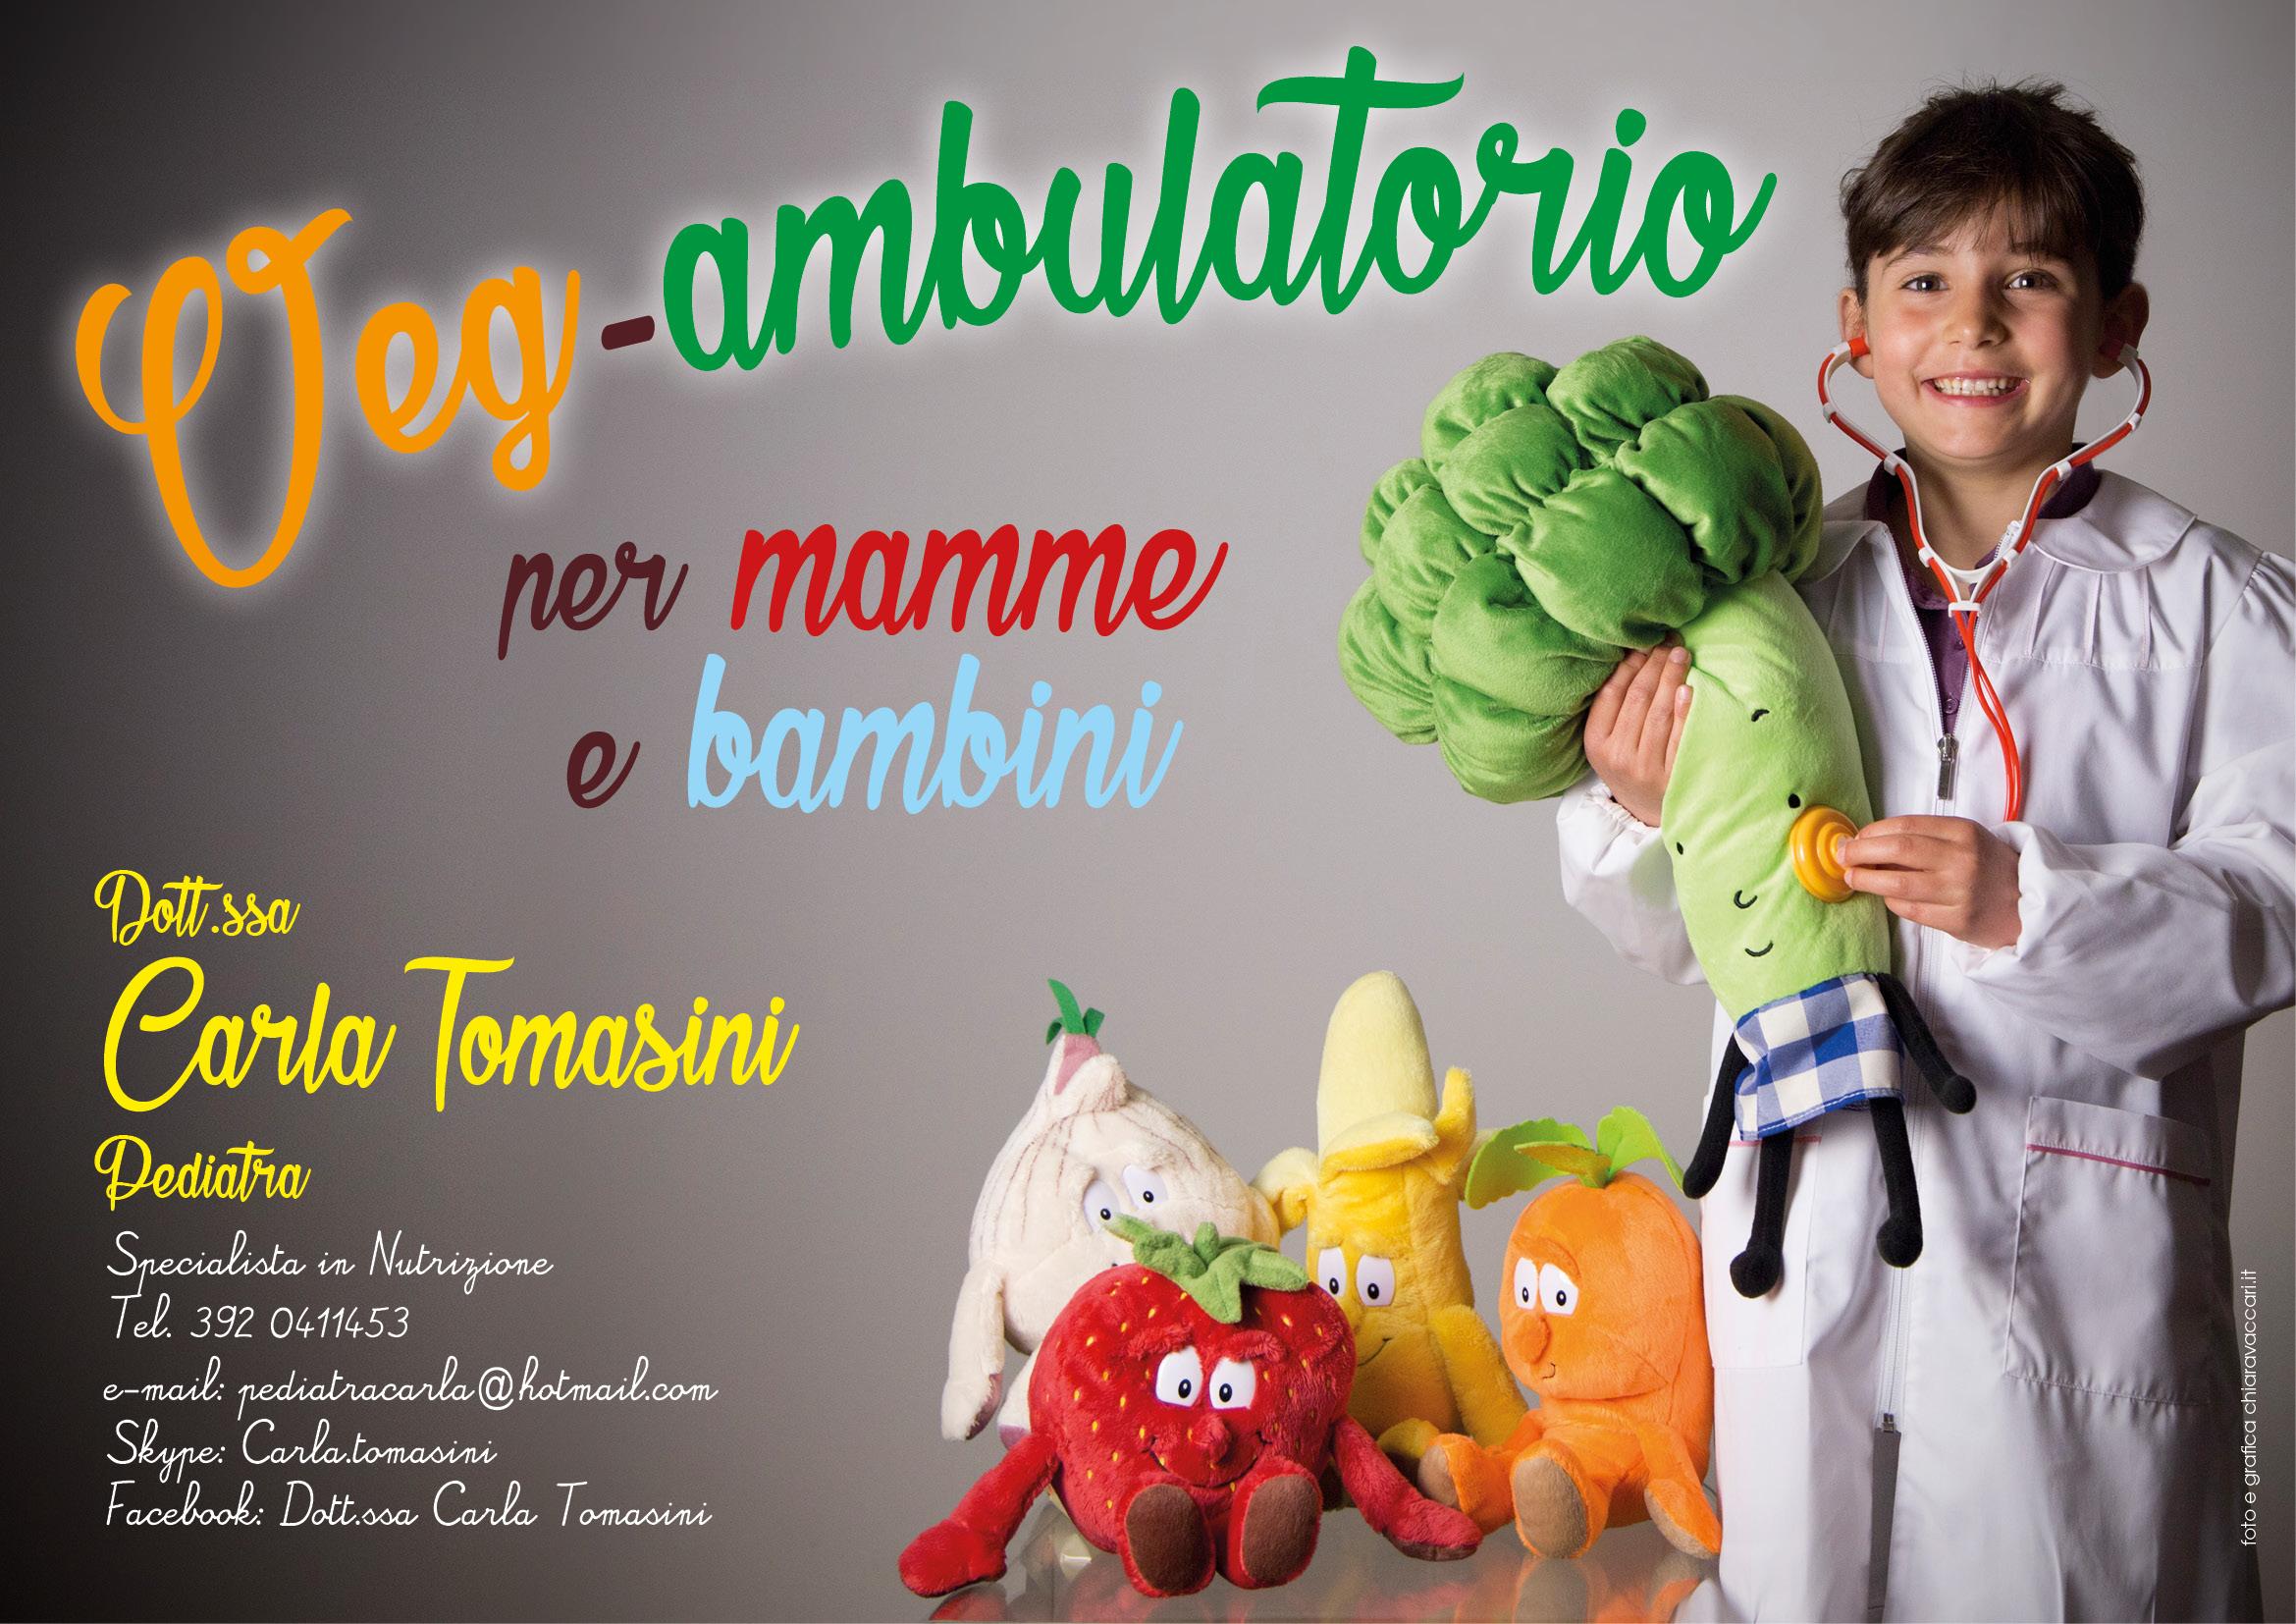 Pediatra Carla Tomasini